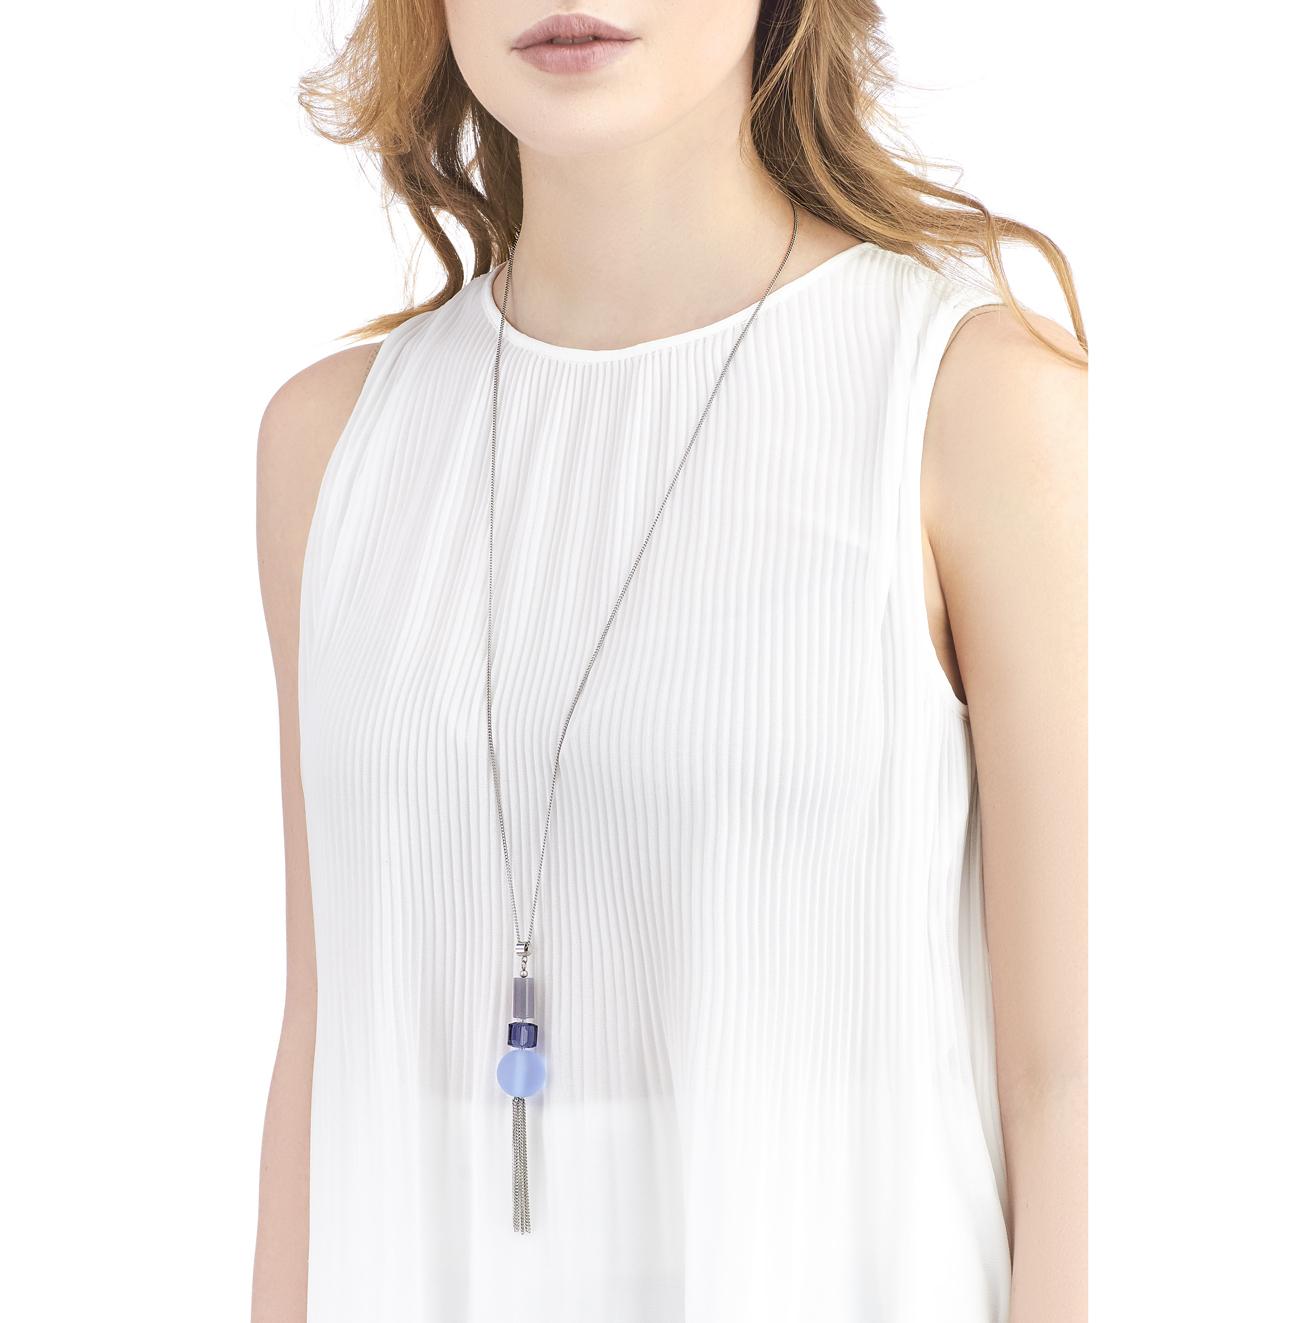 Golovina accessories ювелирная бижутерия колье Delia lilac из натуральных камней